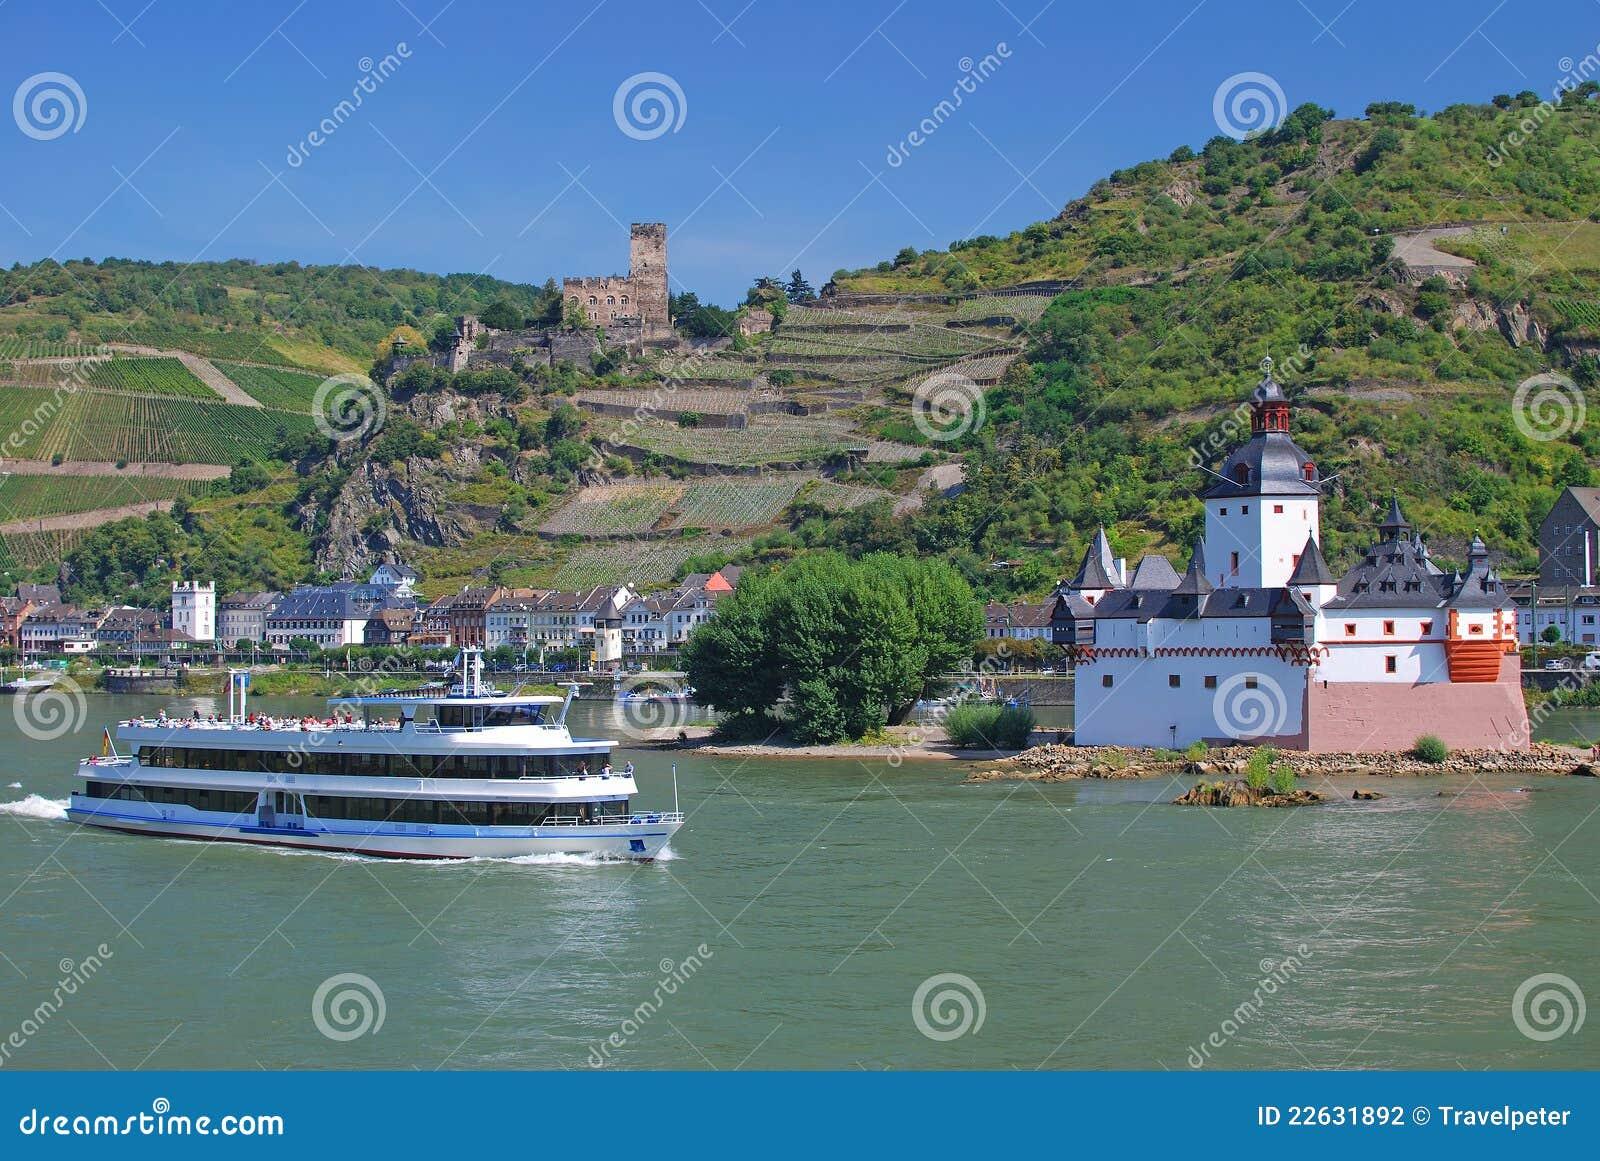 Kaub, Schloss, Rhein-Tal, Deutschland